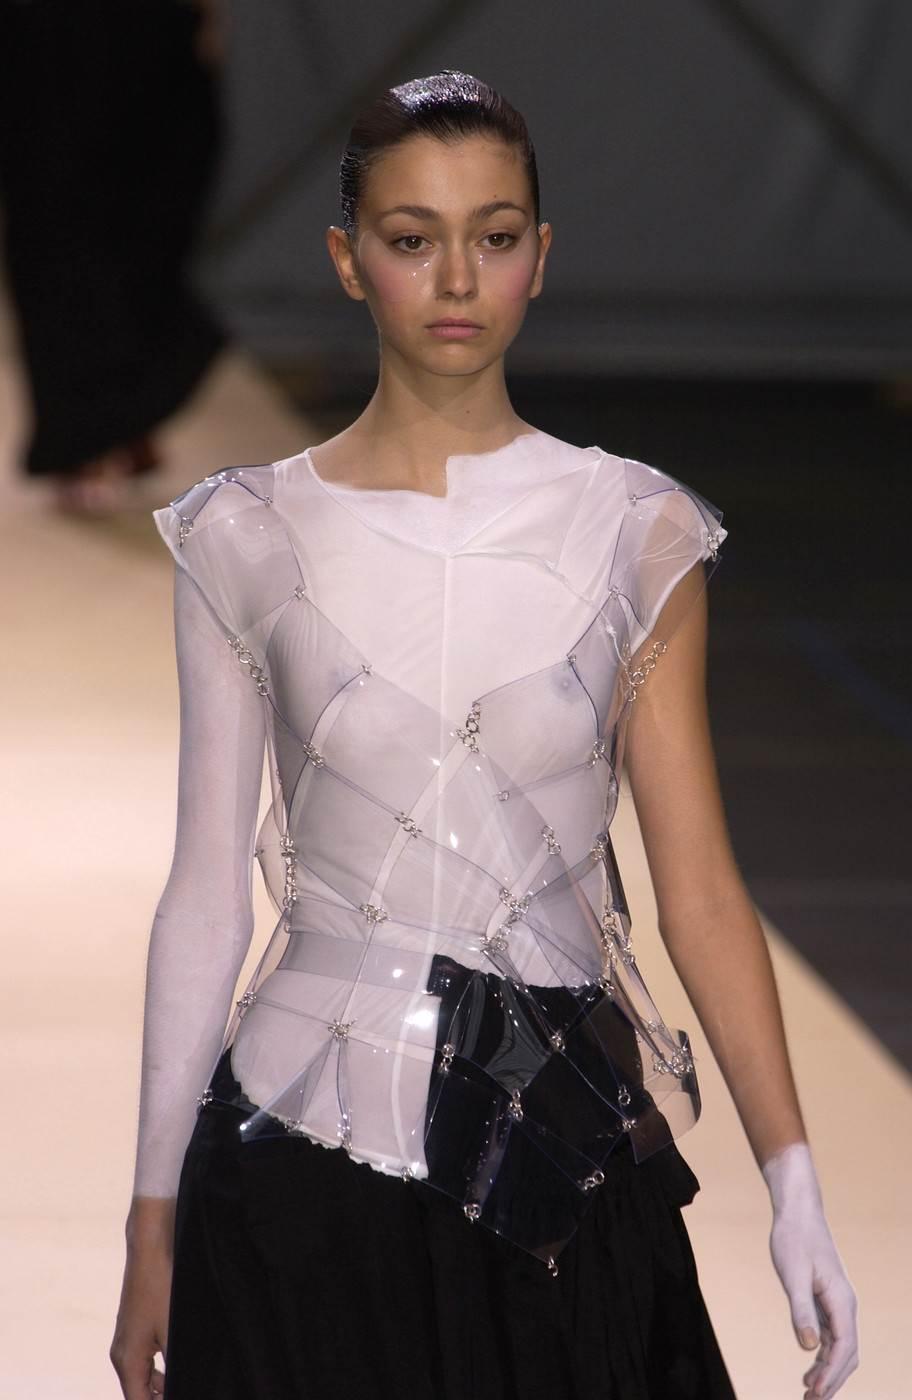 【外人】真木よう子に激似のフランス人モデルのモルガン・デュブレ(Morgane Dubled)乳首もろ出しでキャットウォークしてるポルノ画像 1148